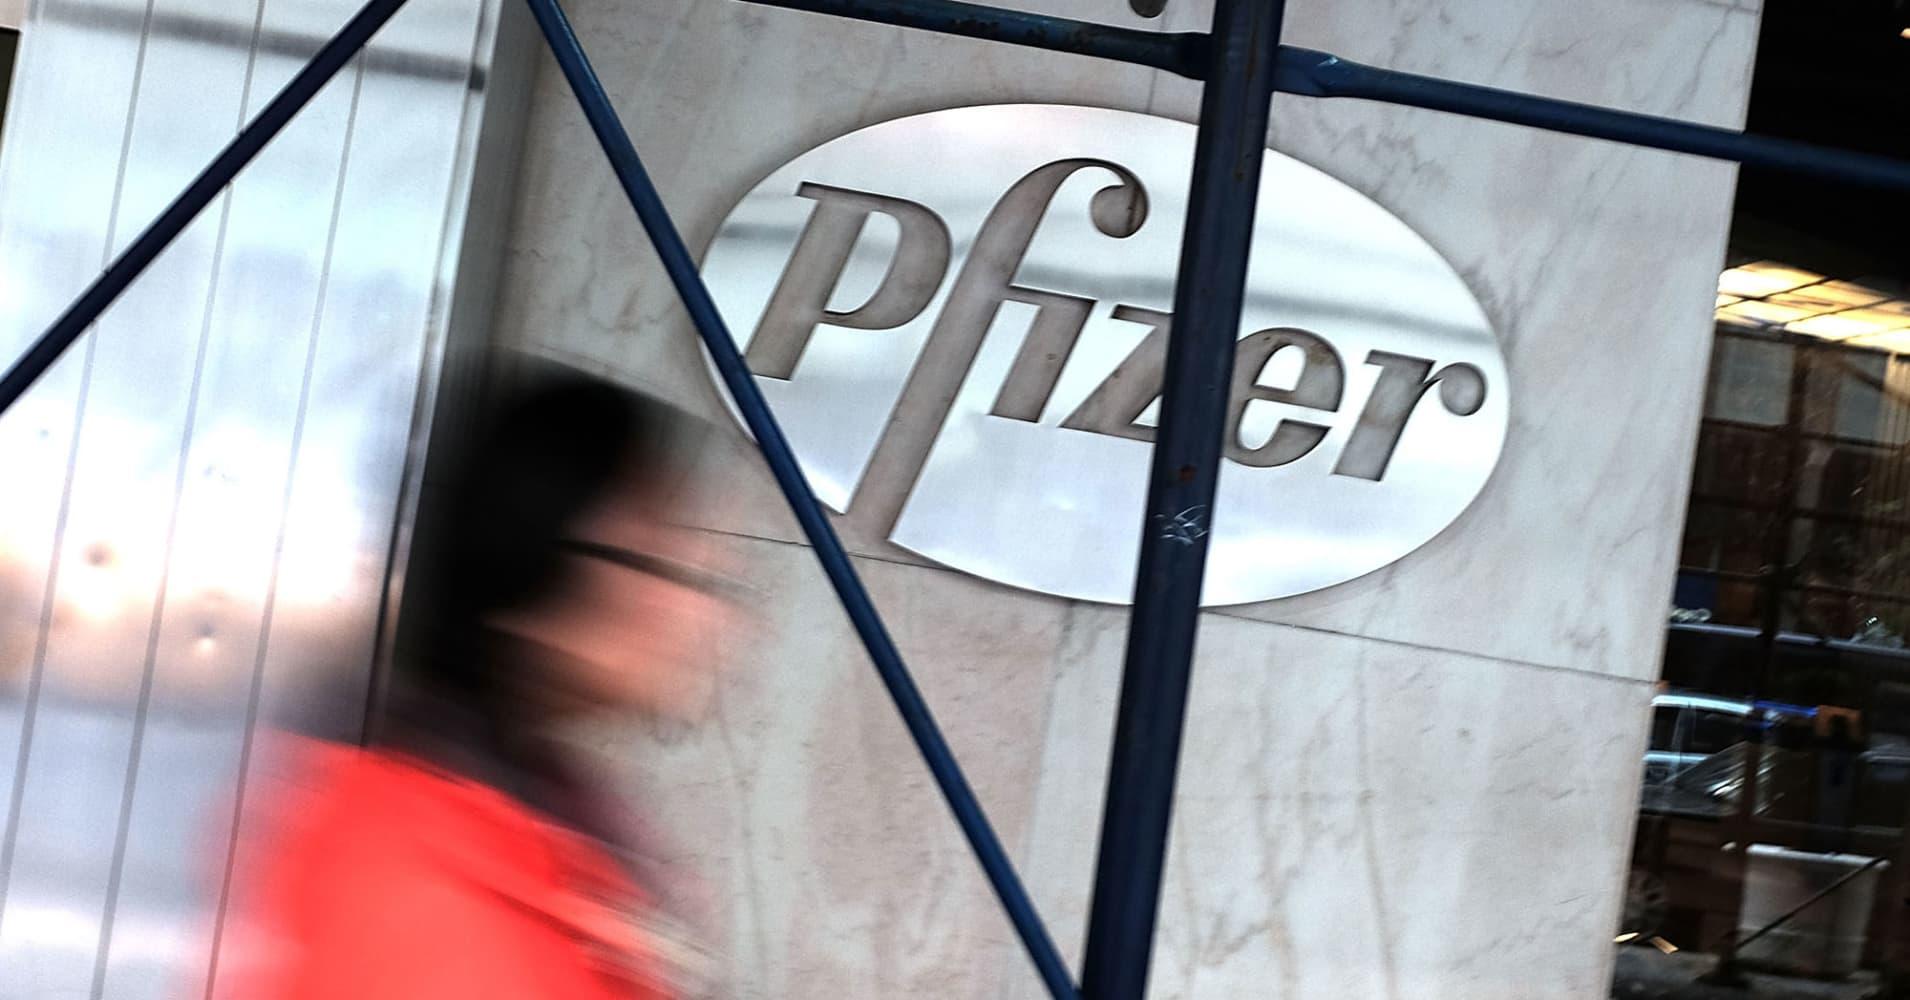 Pfizer revenue rises 11 percent